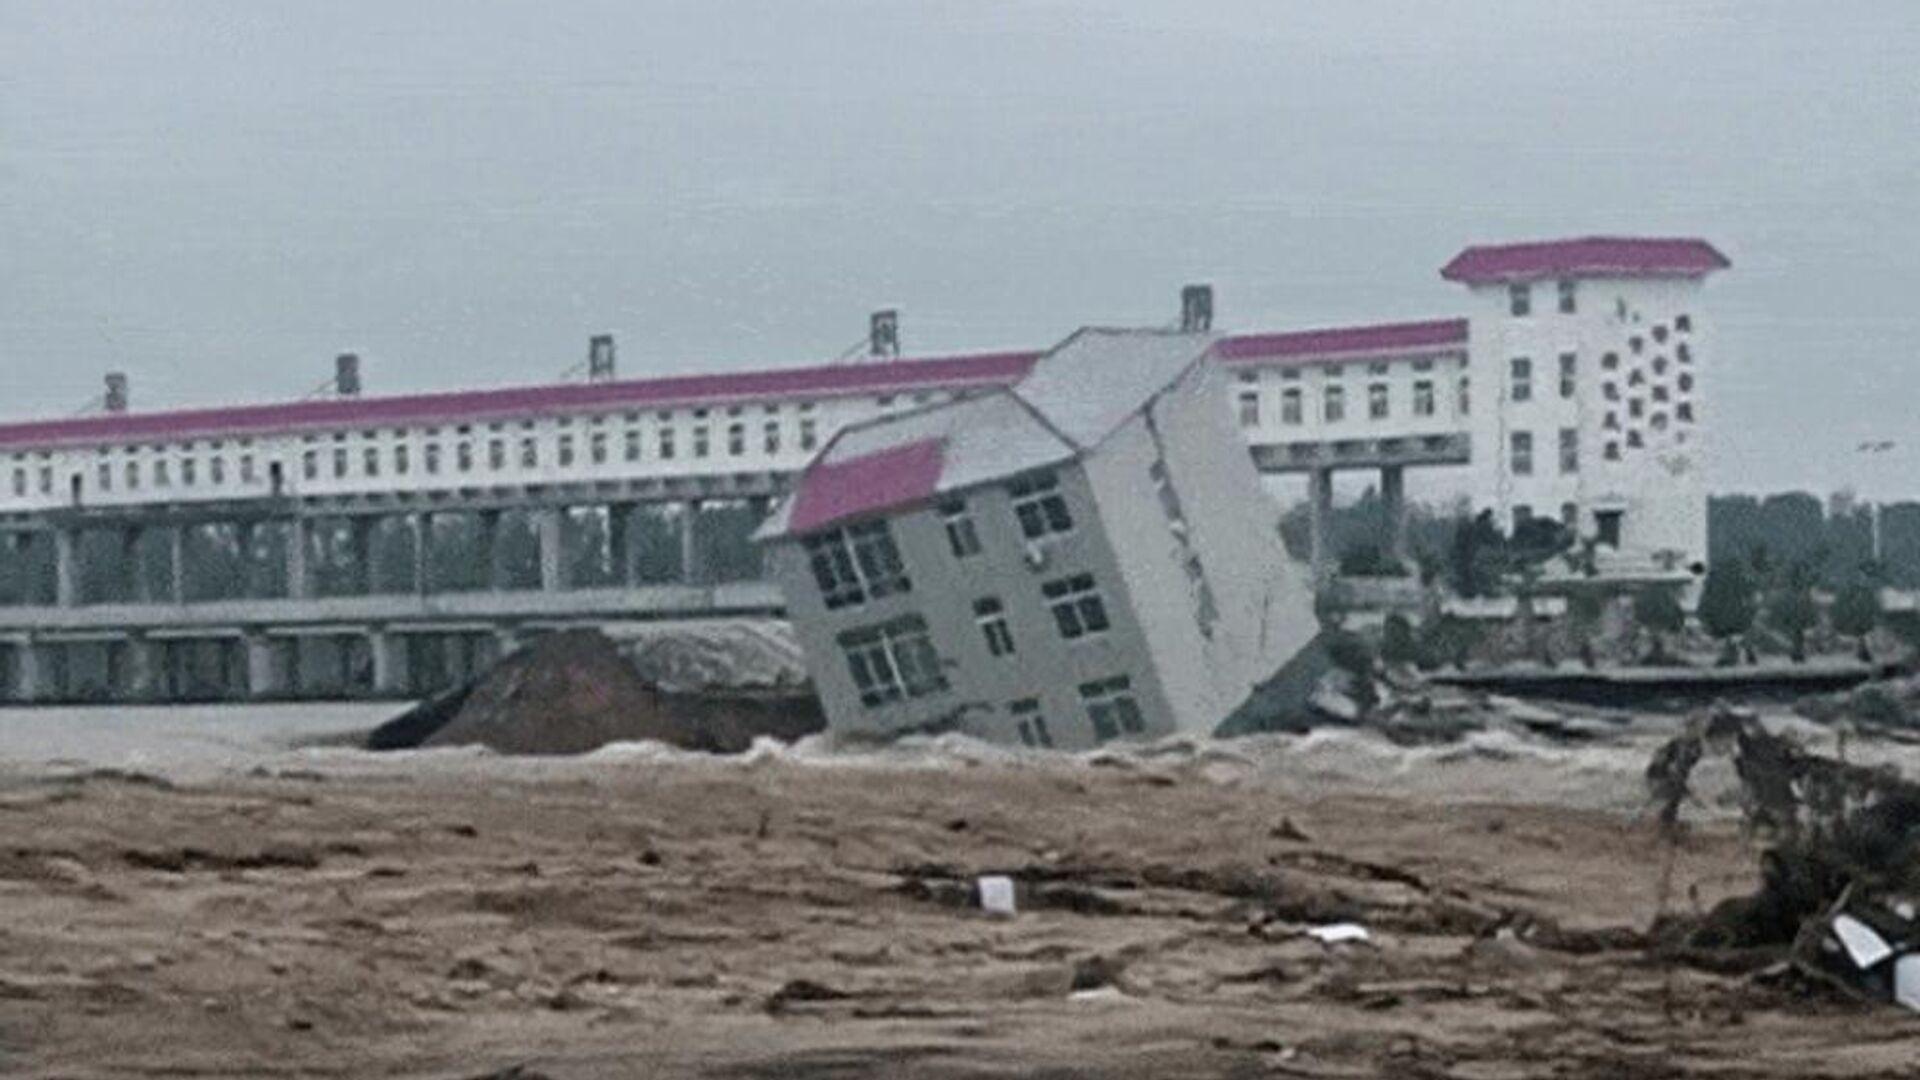 Τριώροφο κτίριο καταρρέει στο πλημμυρισμένο ποτάμι στην Κίνα - Sputnik Ελλάδα, 1920, 30.09.2021